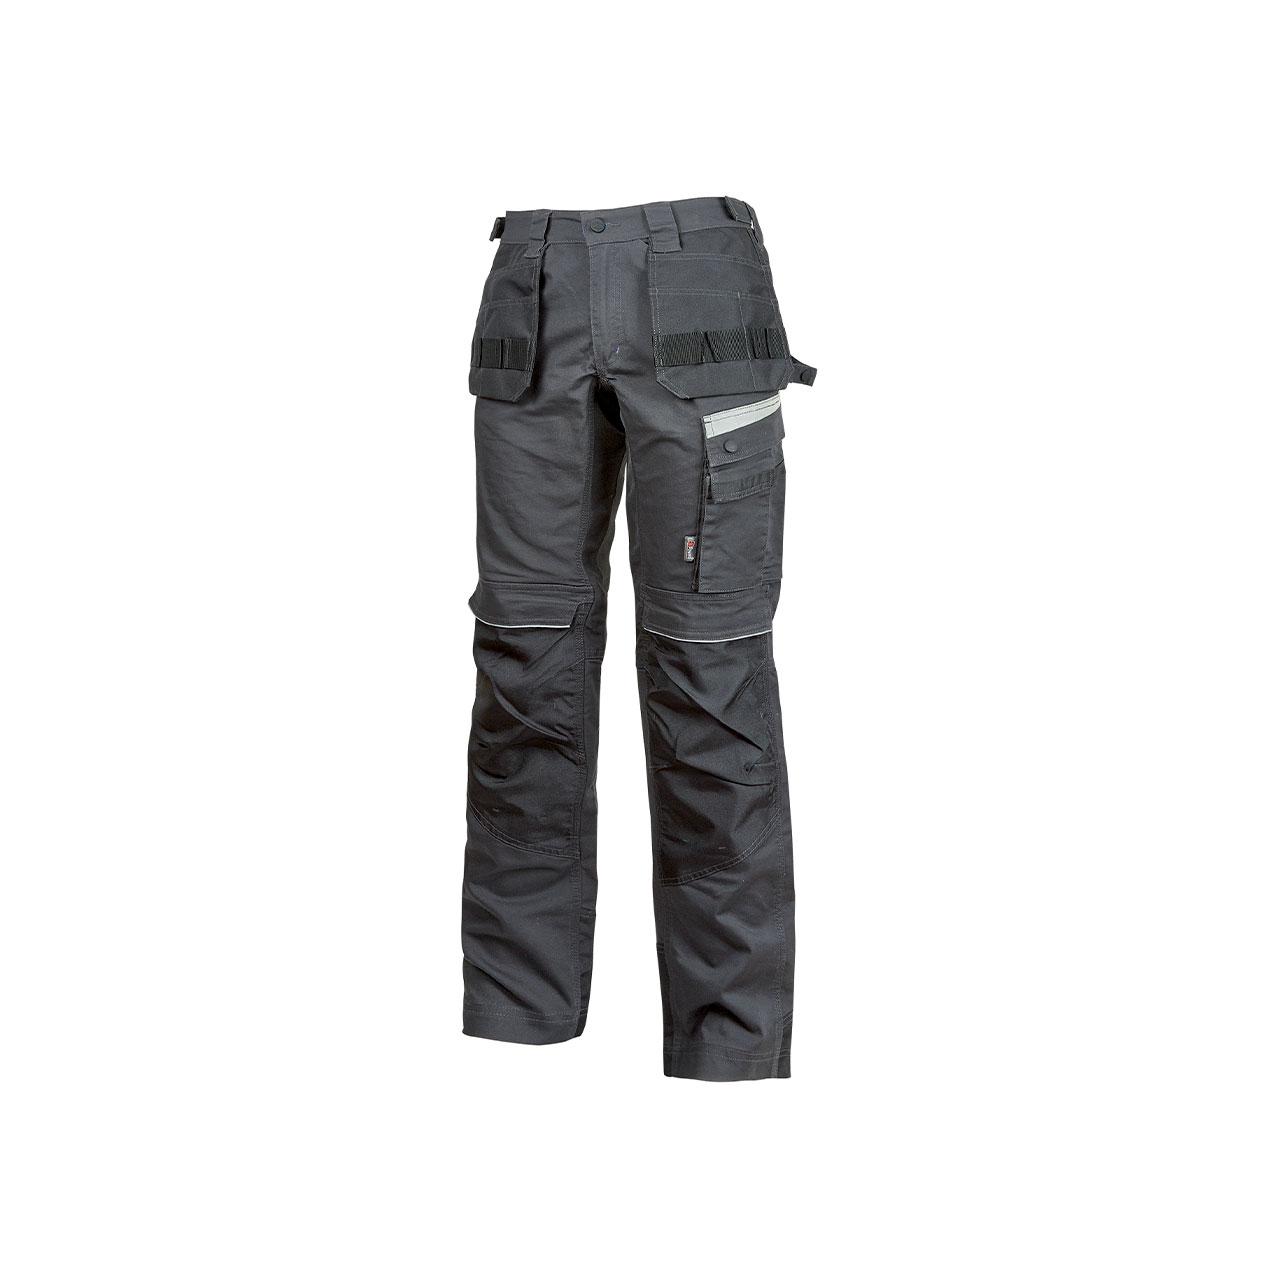 pantalone da lavoro upower modello gordon colore asphal